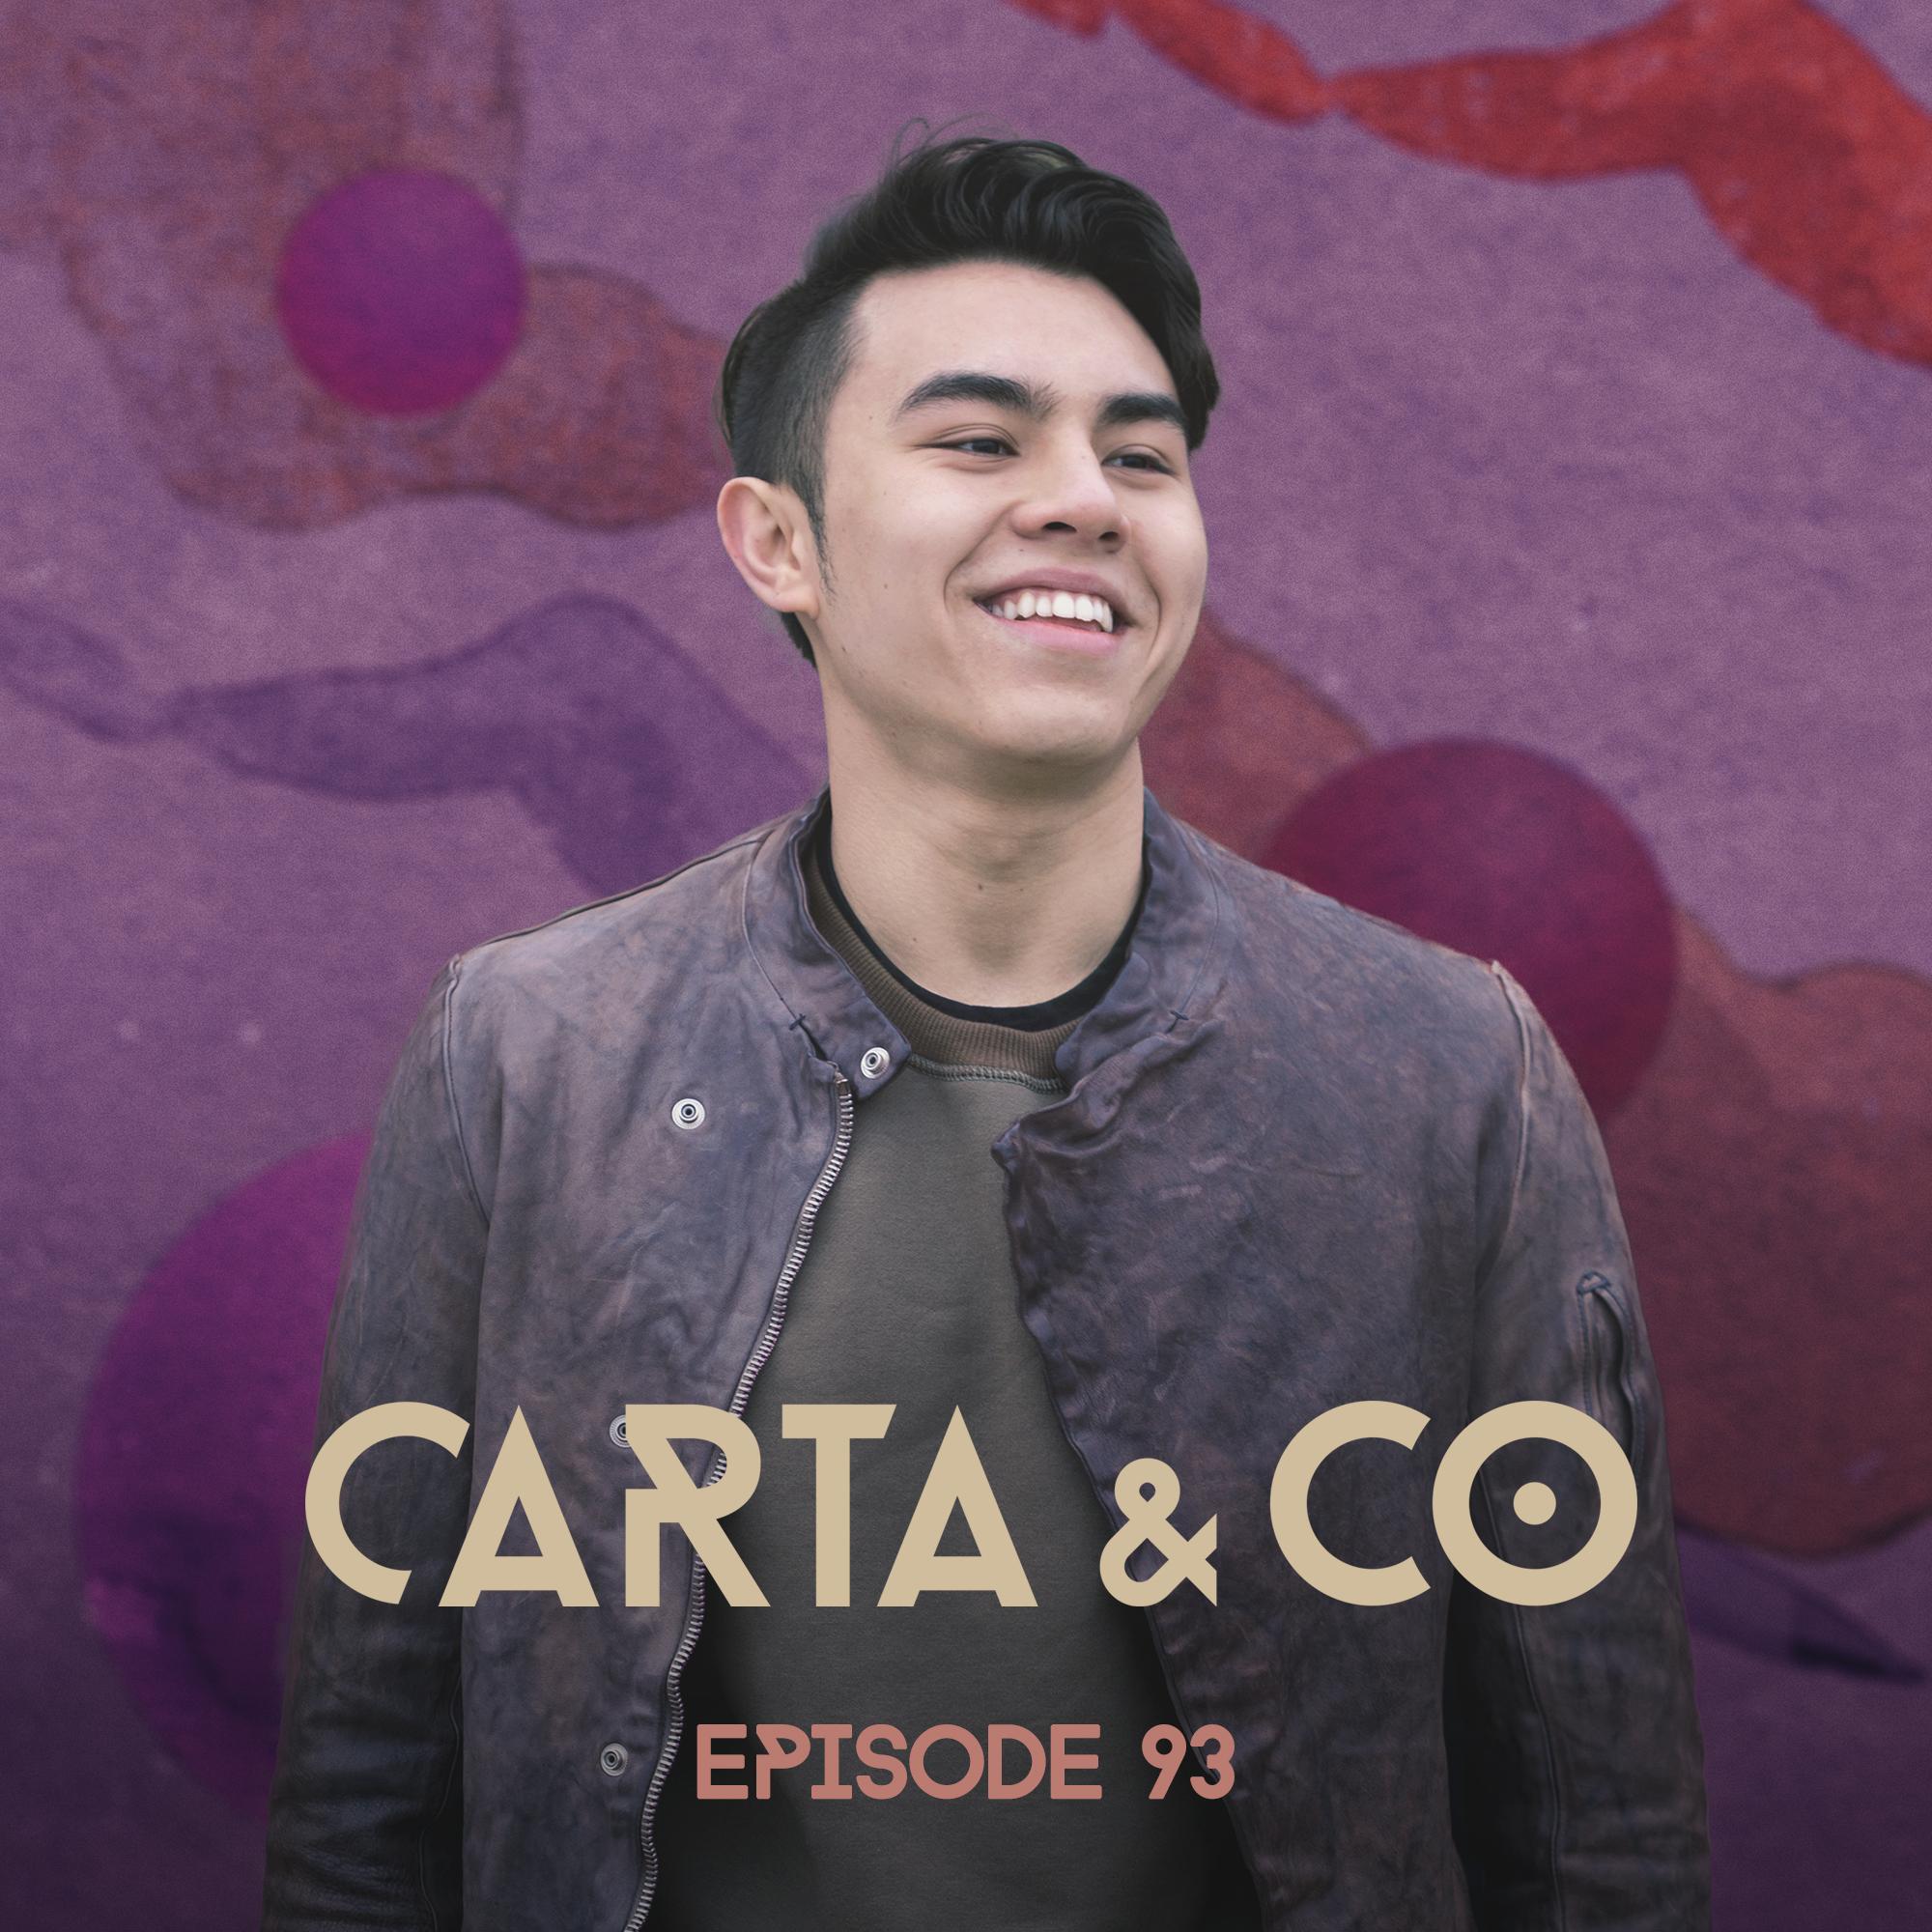 CARTA & CO - EPISODE 93